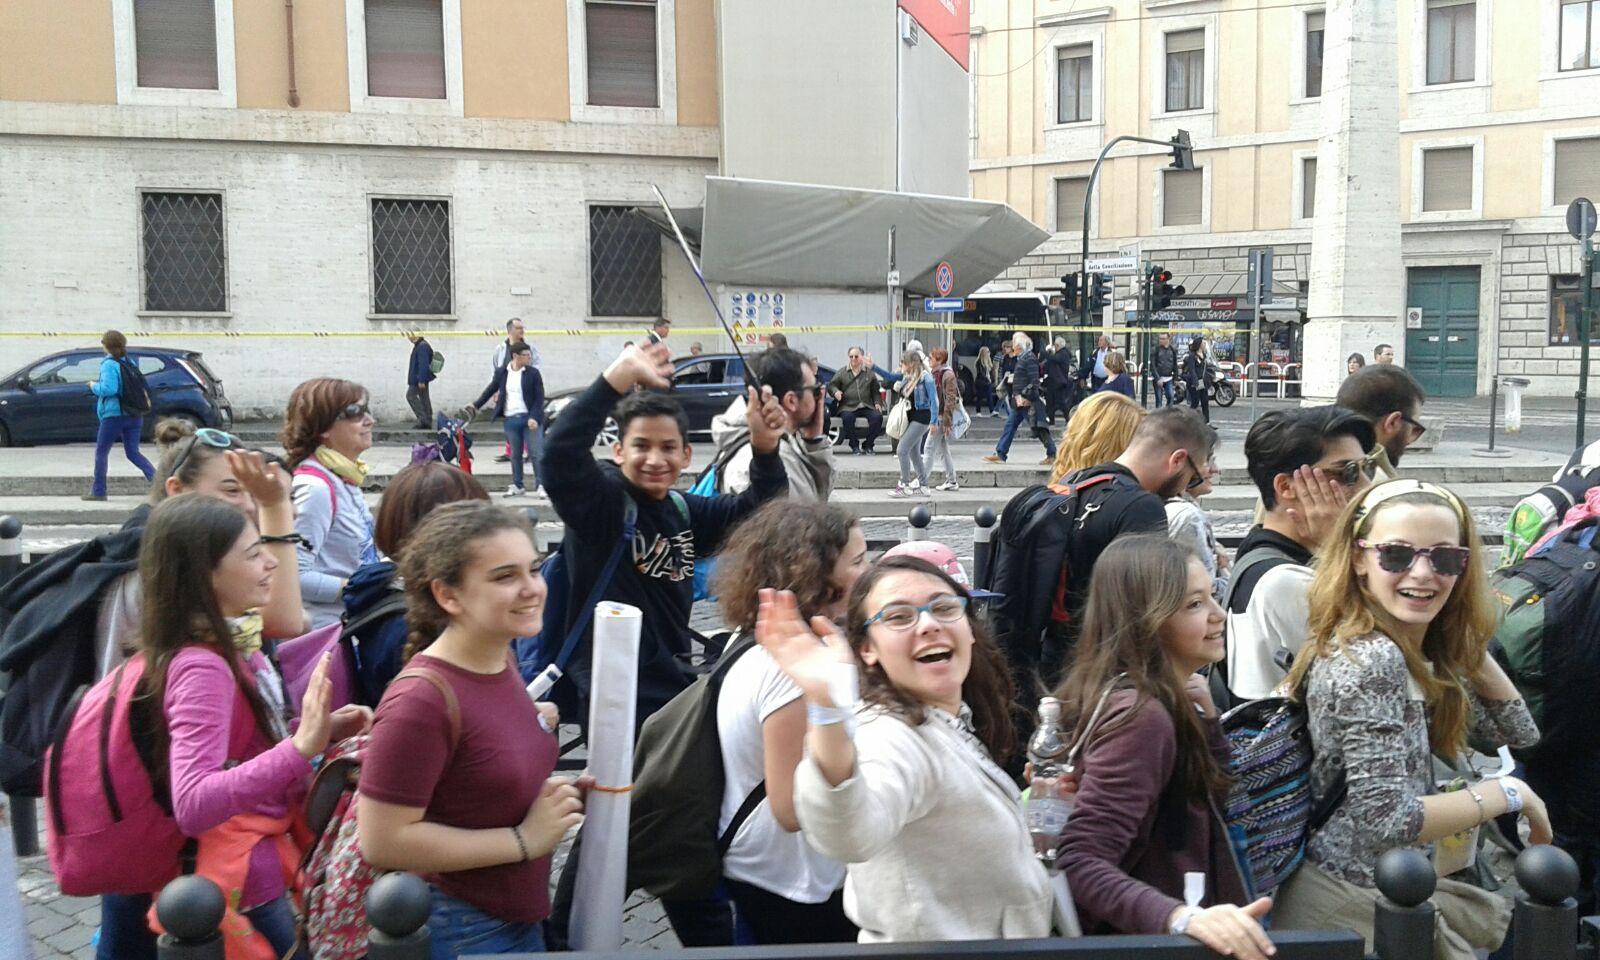 Jubileu recebe adolescentes de todo o mundo no Vaticano / Foto: Danusa Rego